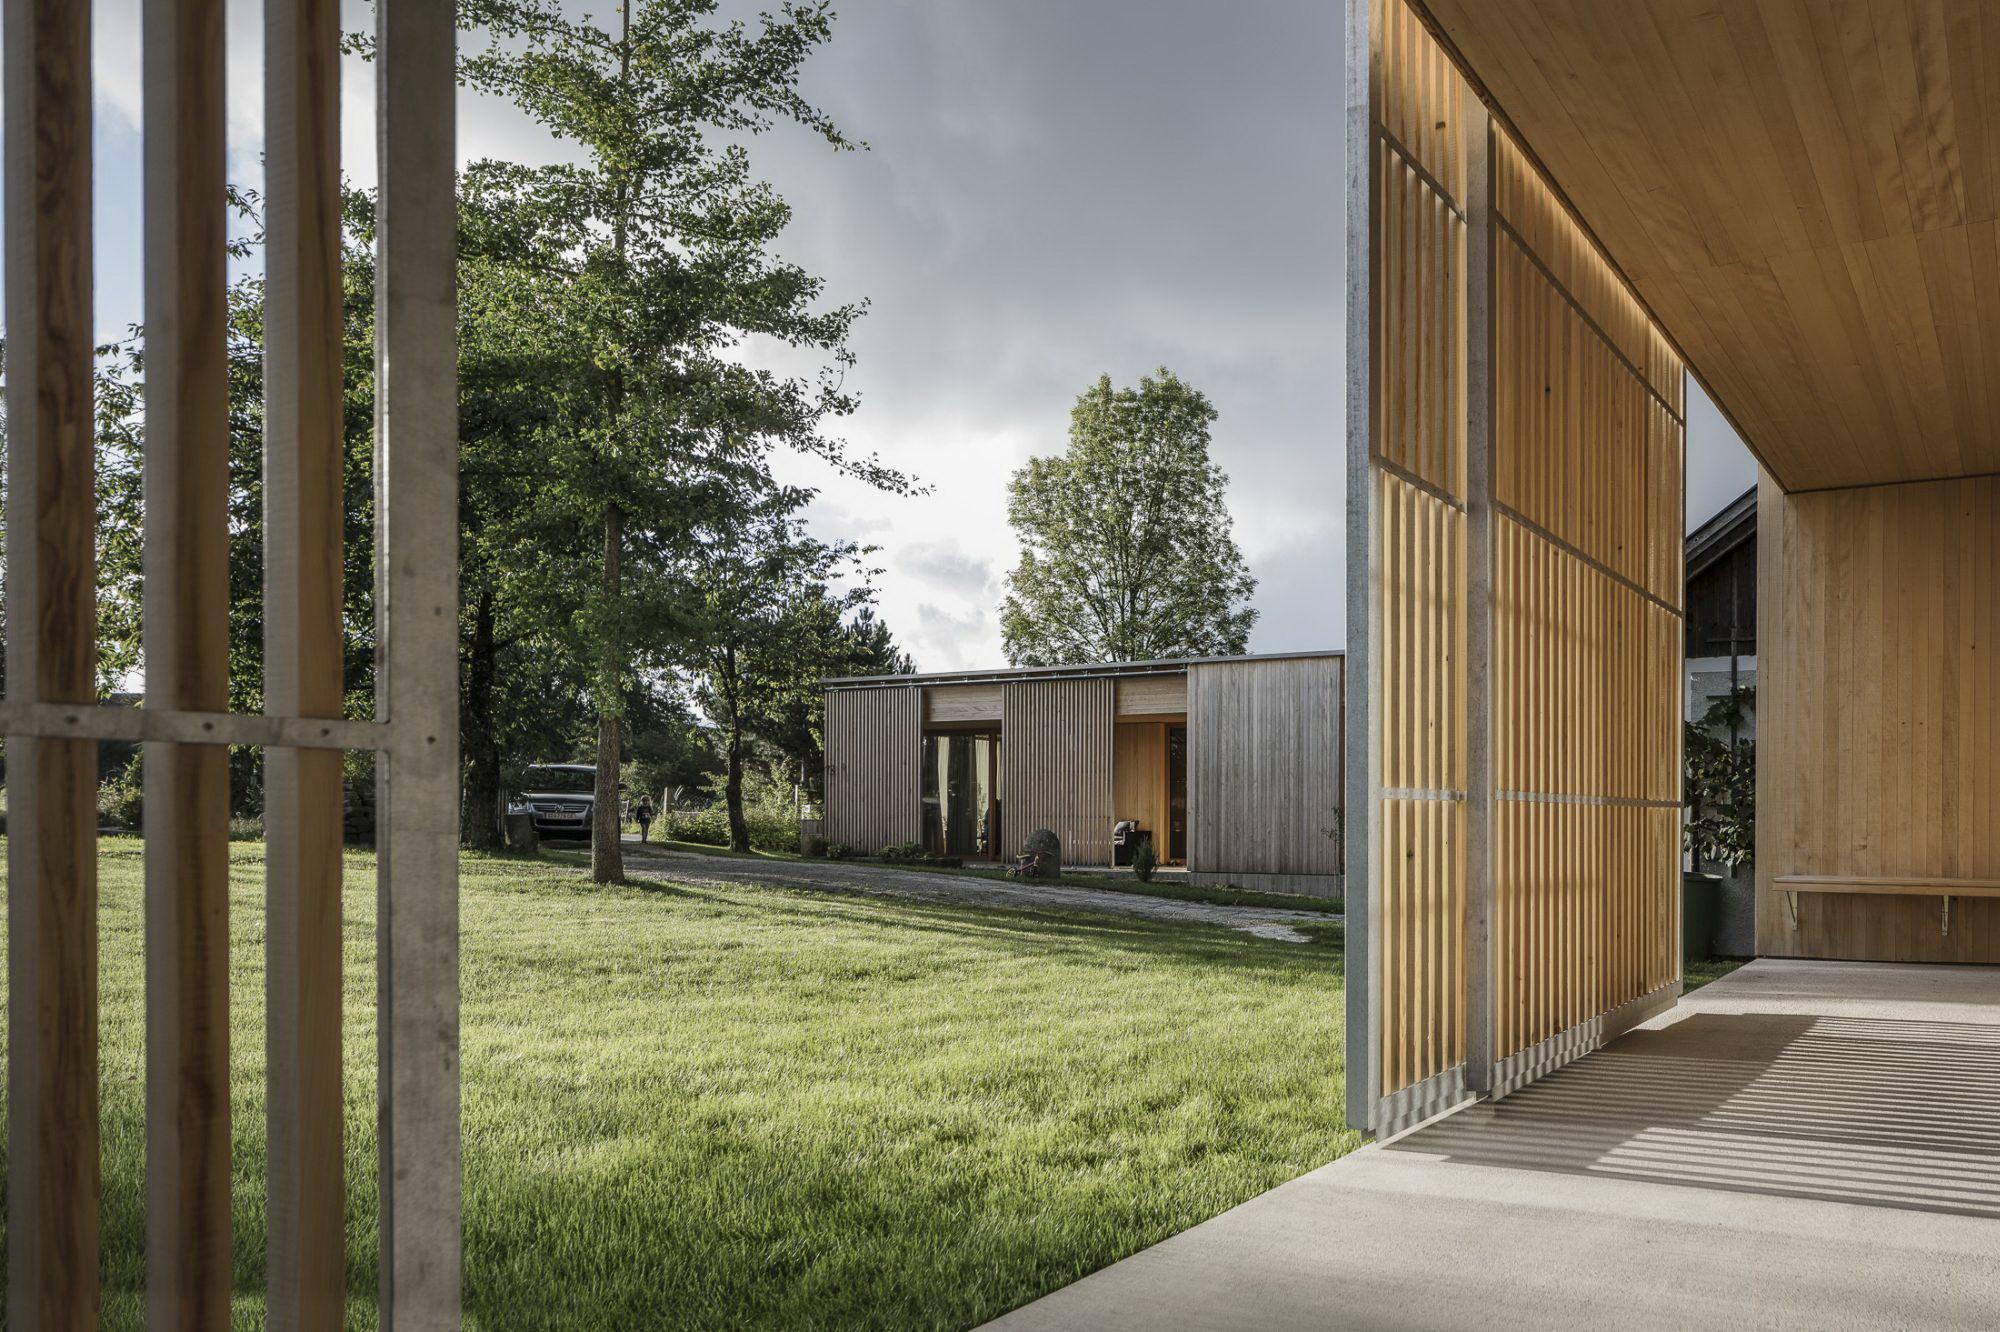 Doppelhaus Trausner by LP architektur